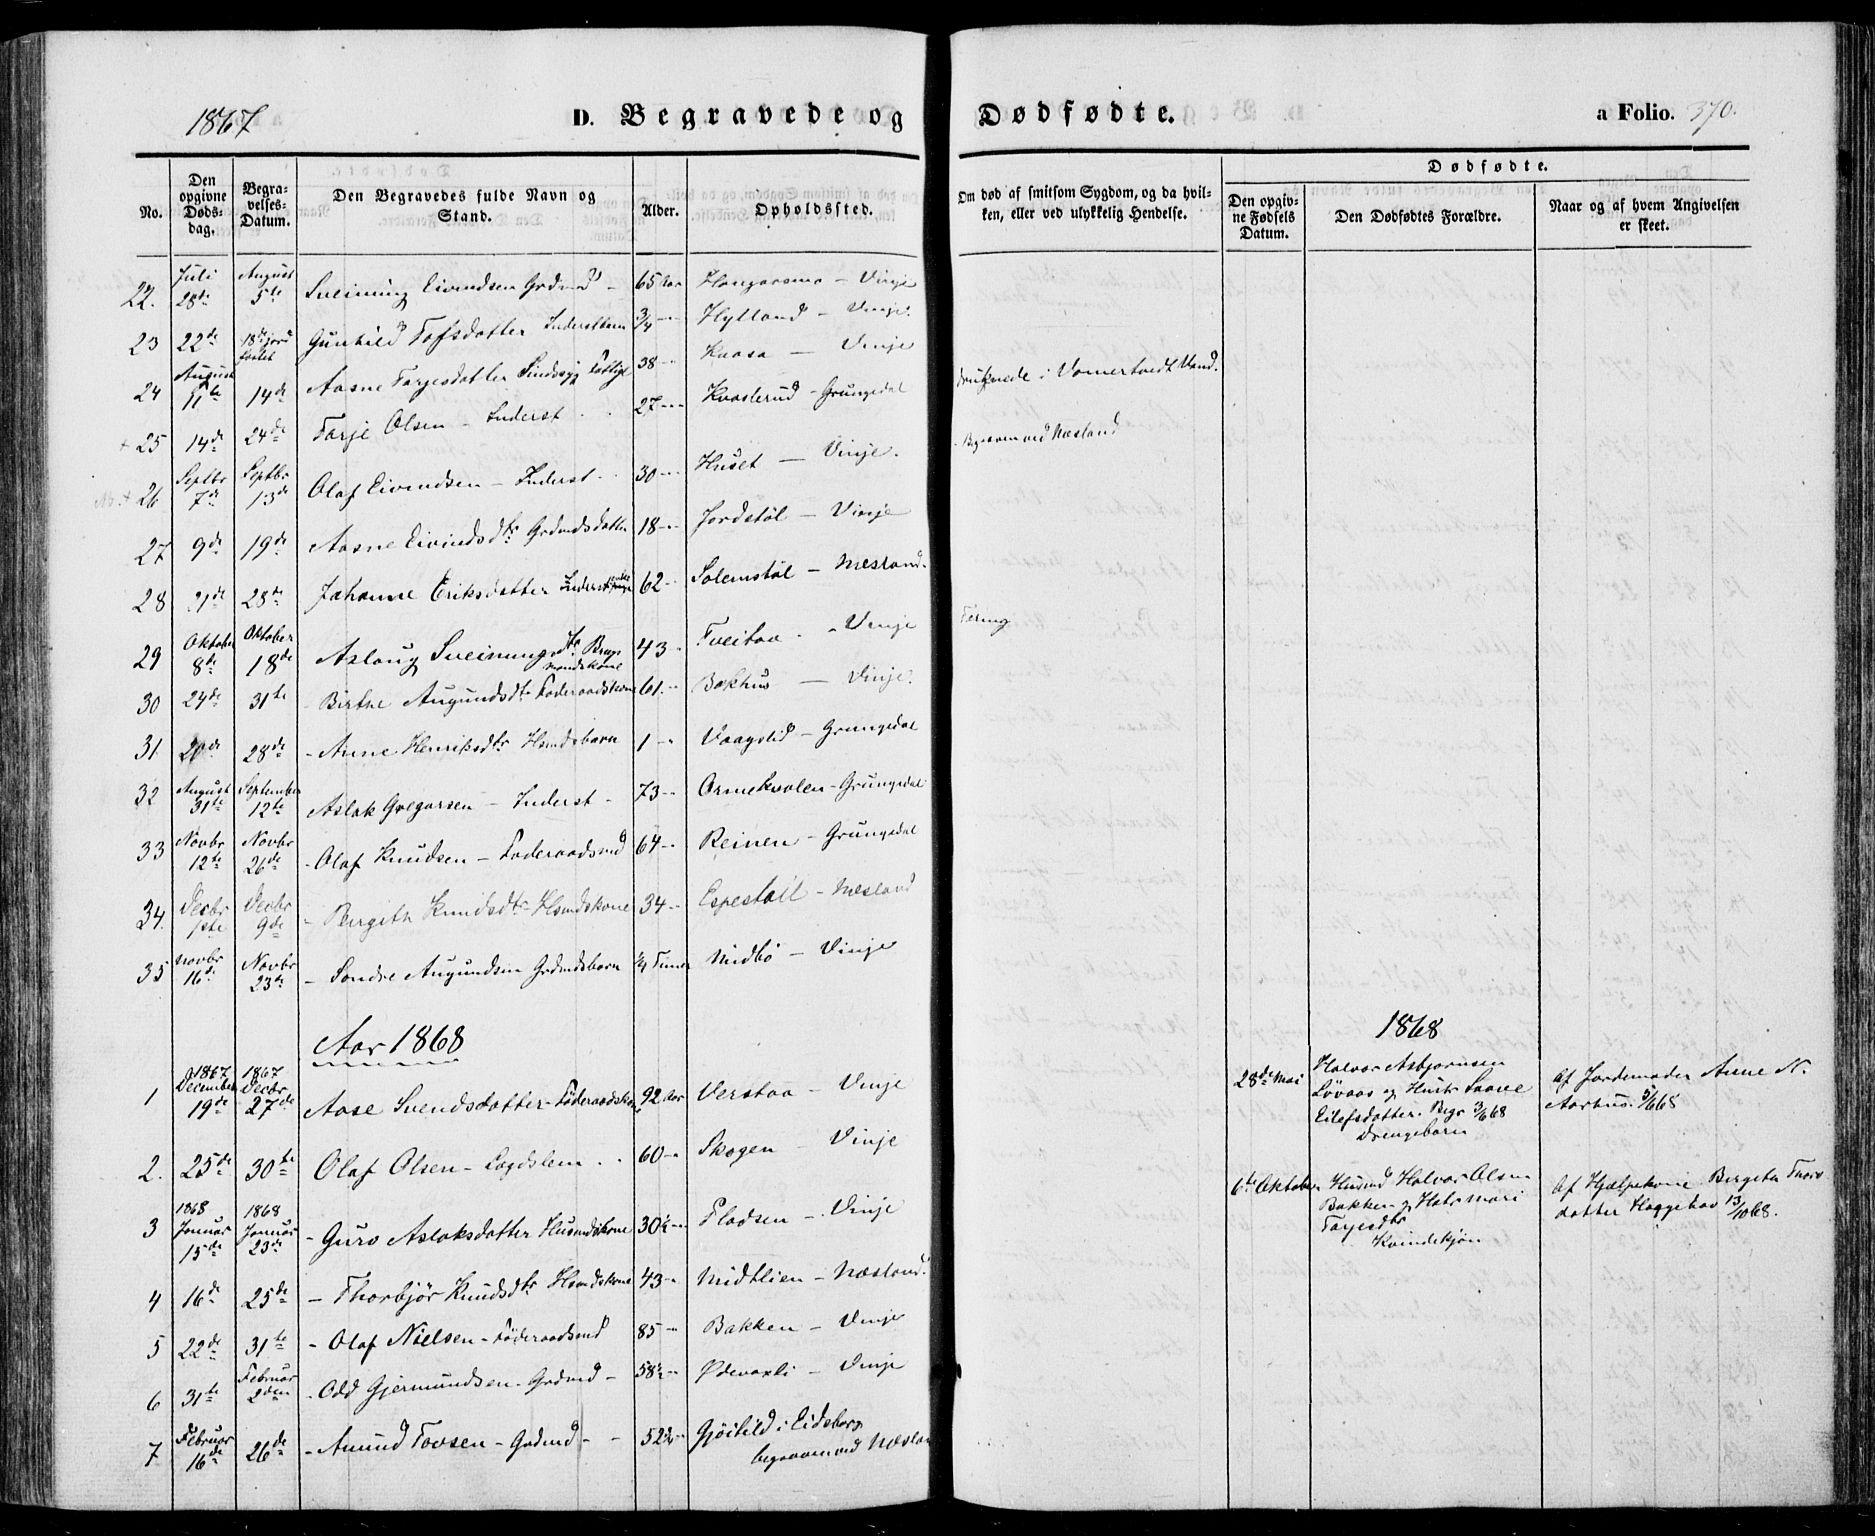 SAKO, Vinje kirkebøker, F/Fa/L0004: Ministerialbok nr. I 4, 1843-1869, s. 370